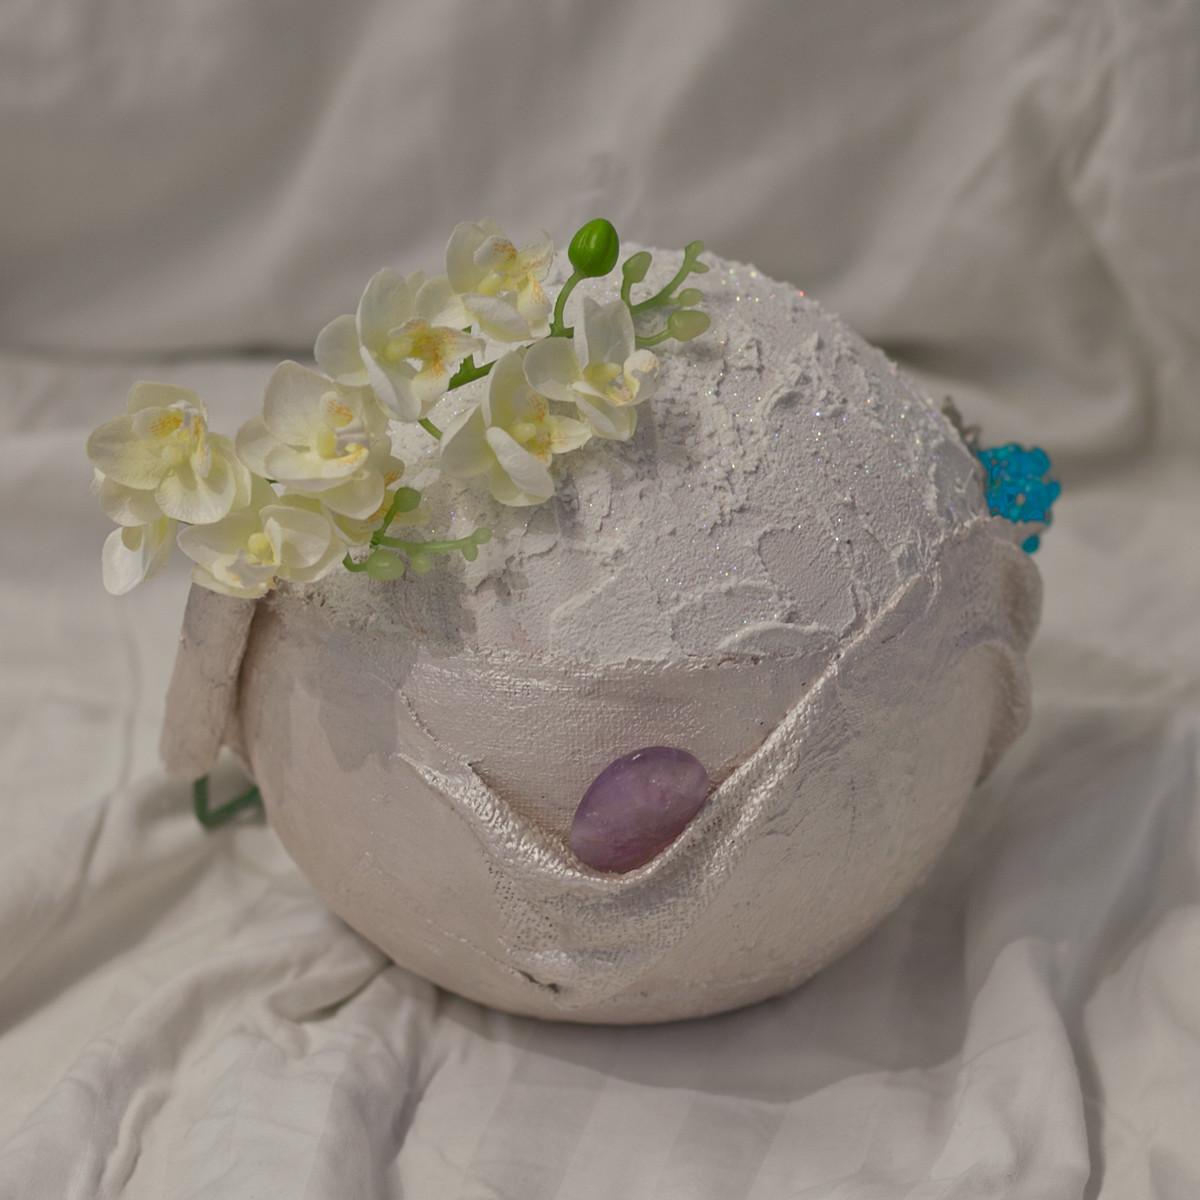 Urnen um persönliche Gegenstände für die Bestattung mitzugeben oder um die Urne zu Hause mit kleinen Erinnerungsstücken aufzubewahren